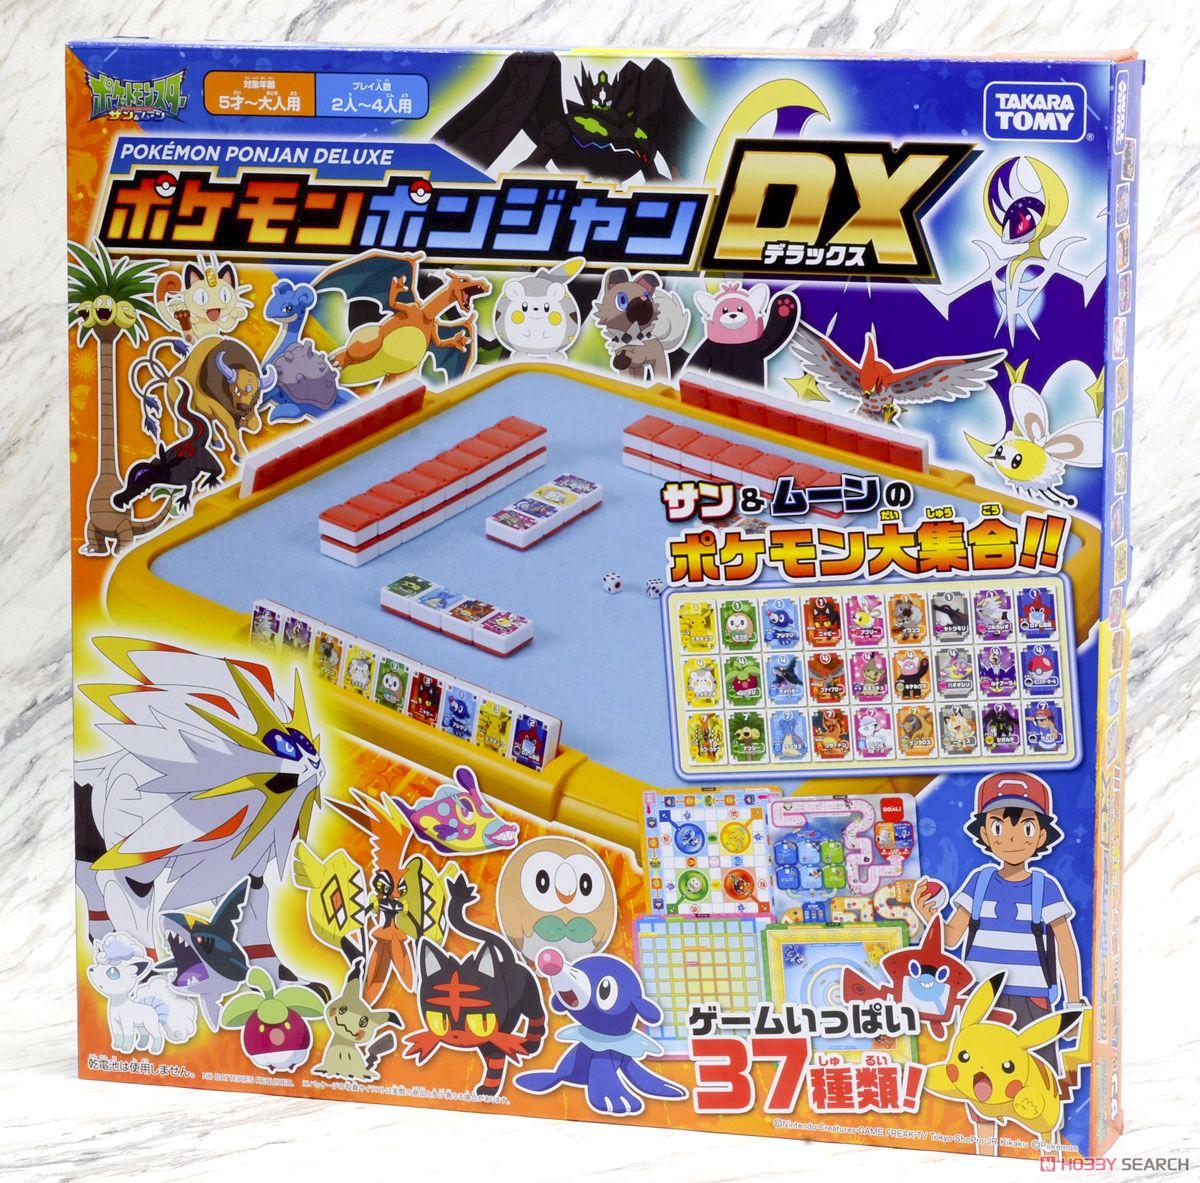 ポケットモンスター ポケモンポンジャンdx (テーブルゲーム) 画像一覧